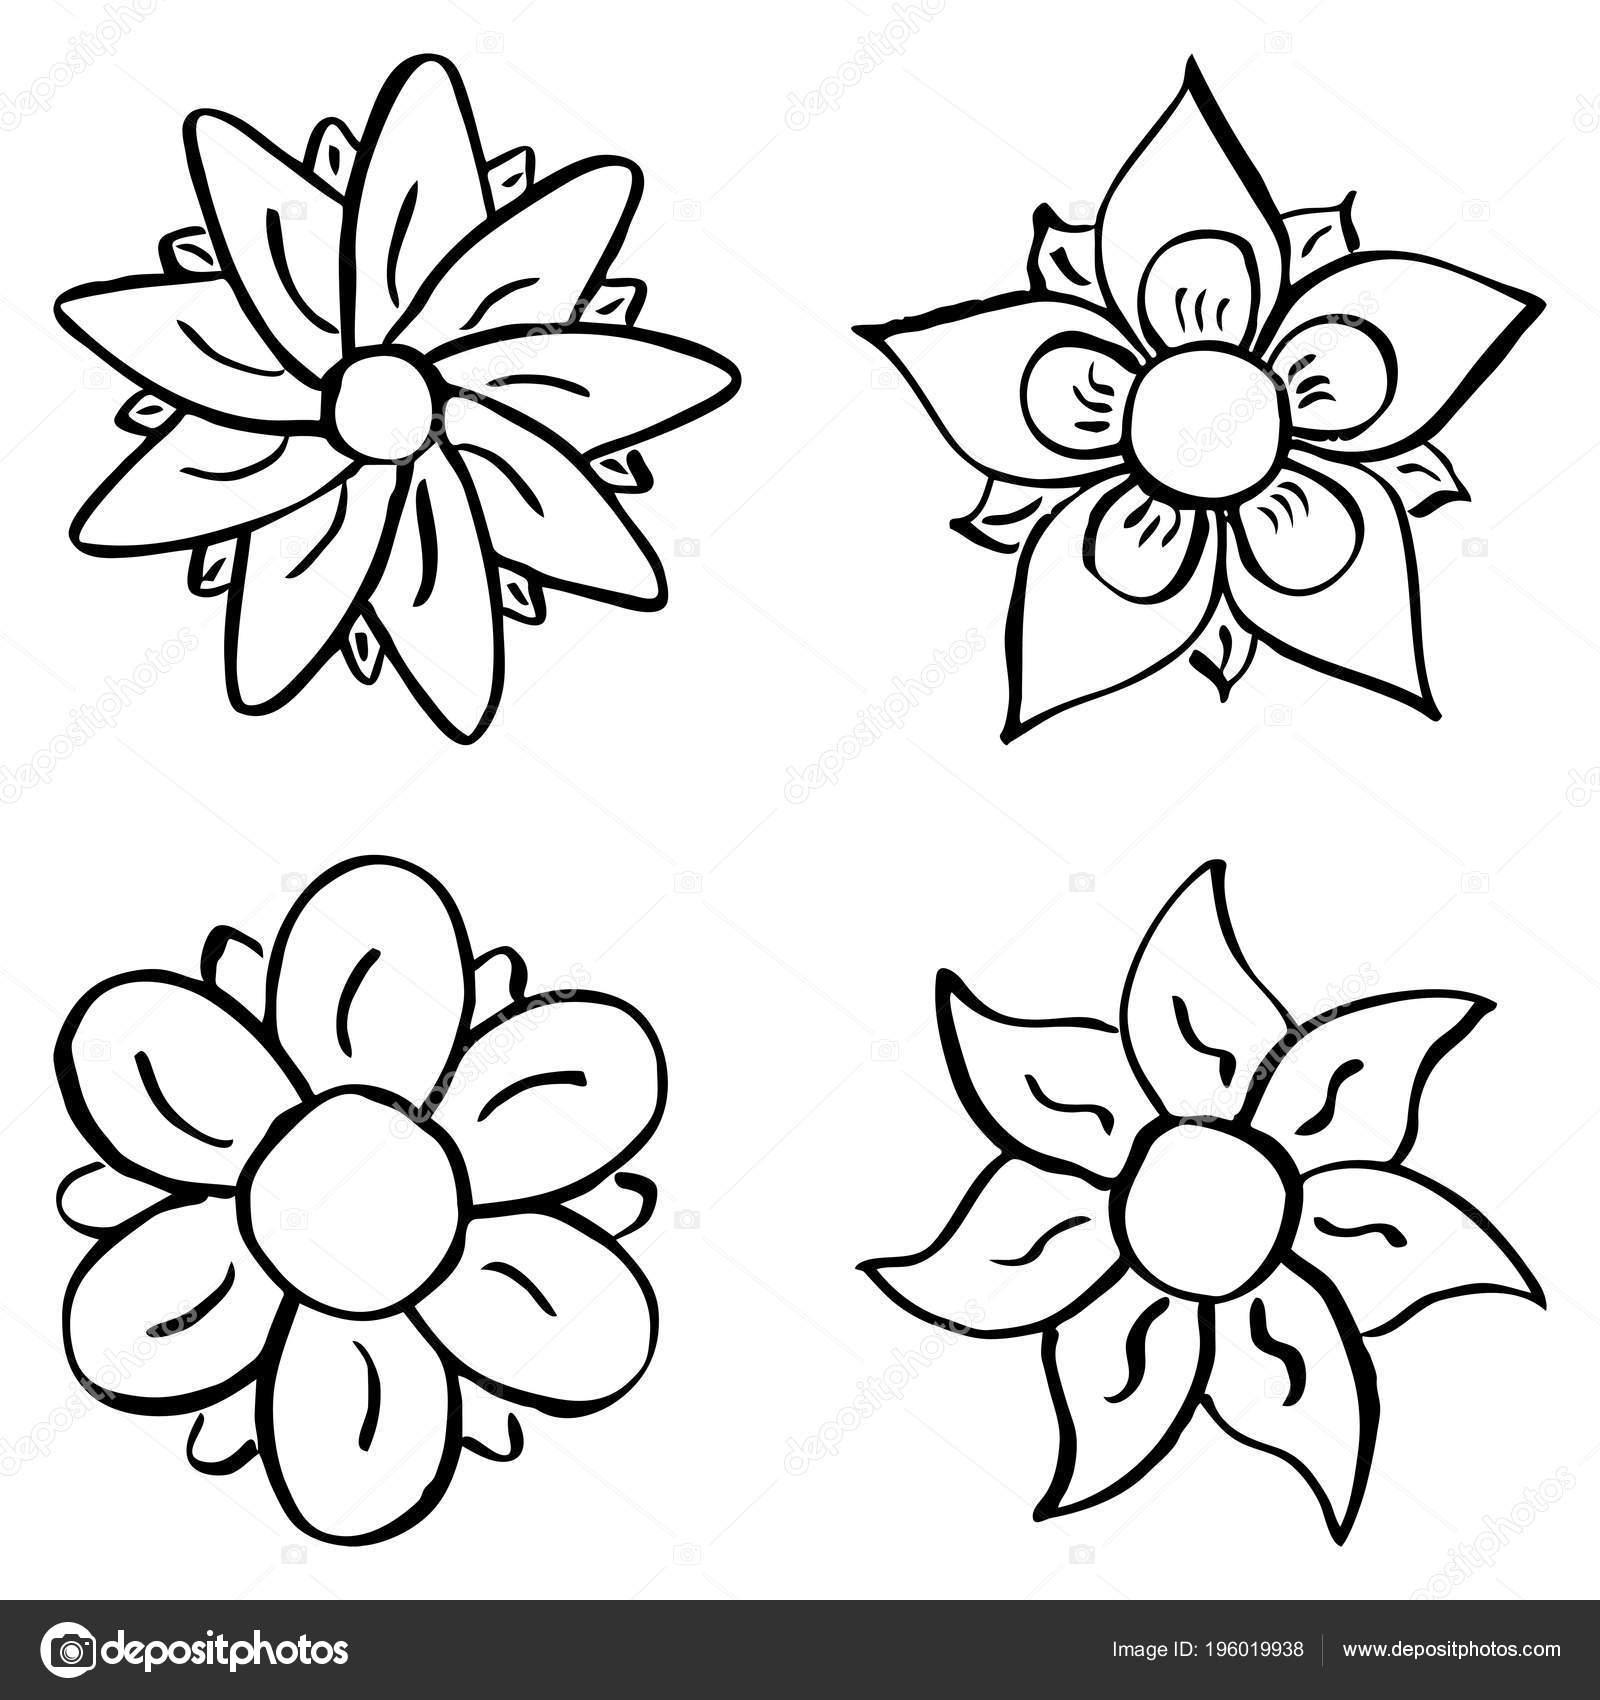 Ilustracion Vector Flores Colores Dibujos Animados Archivo